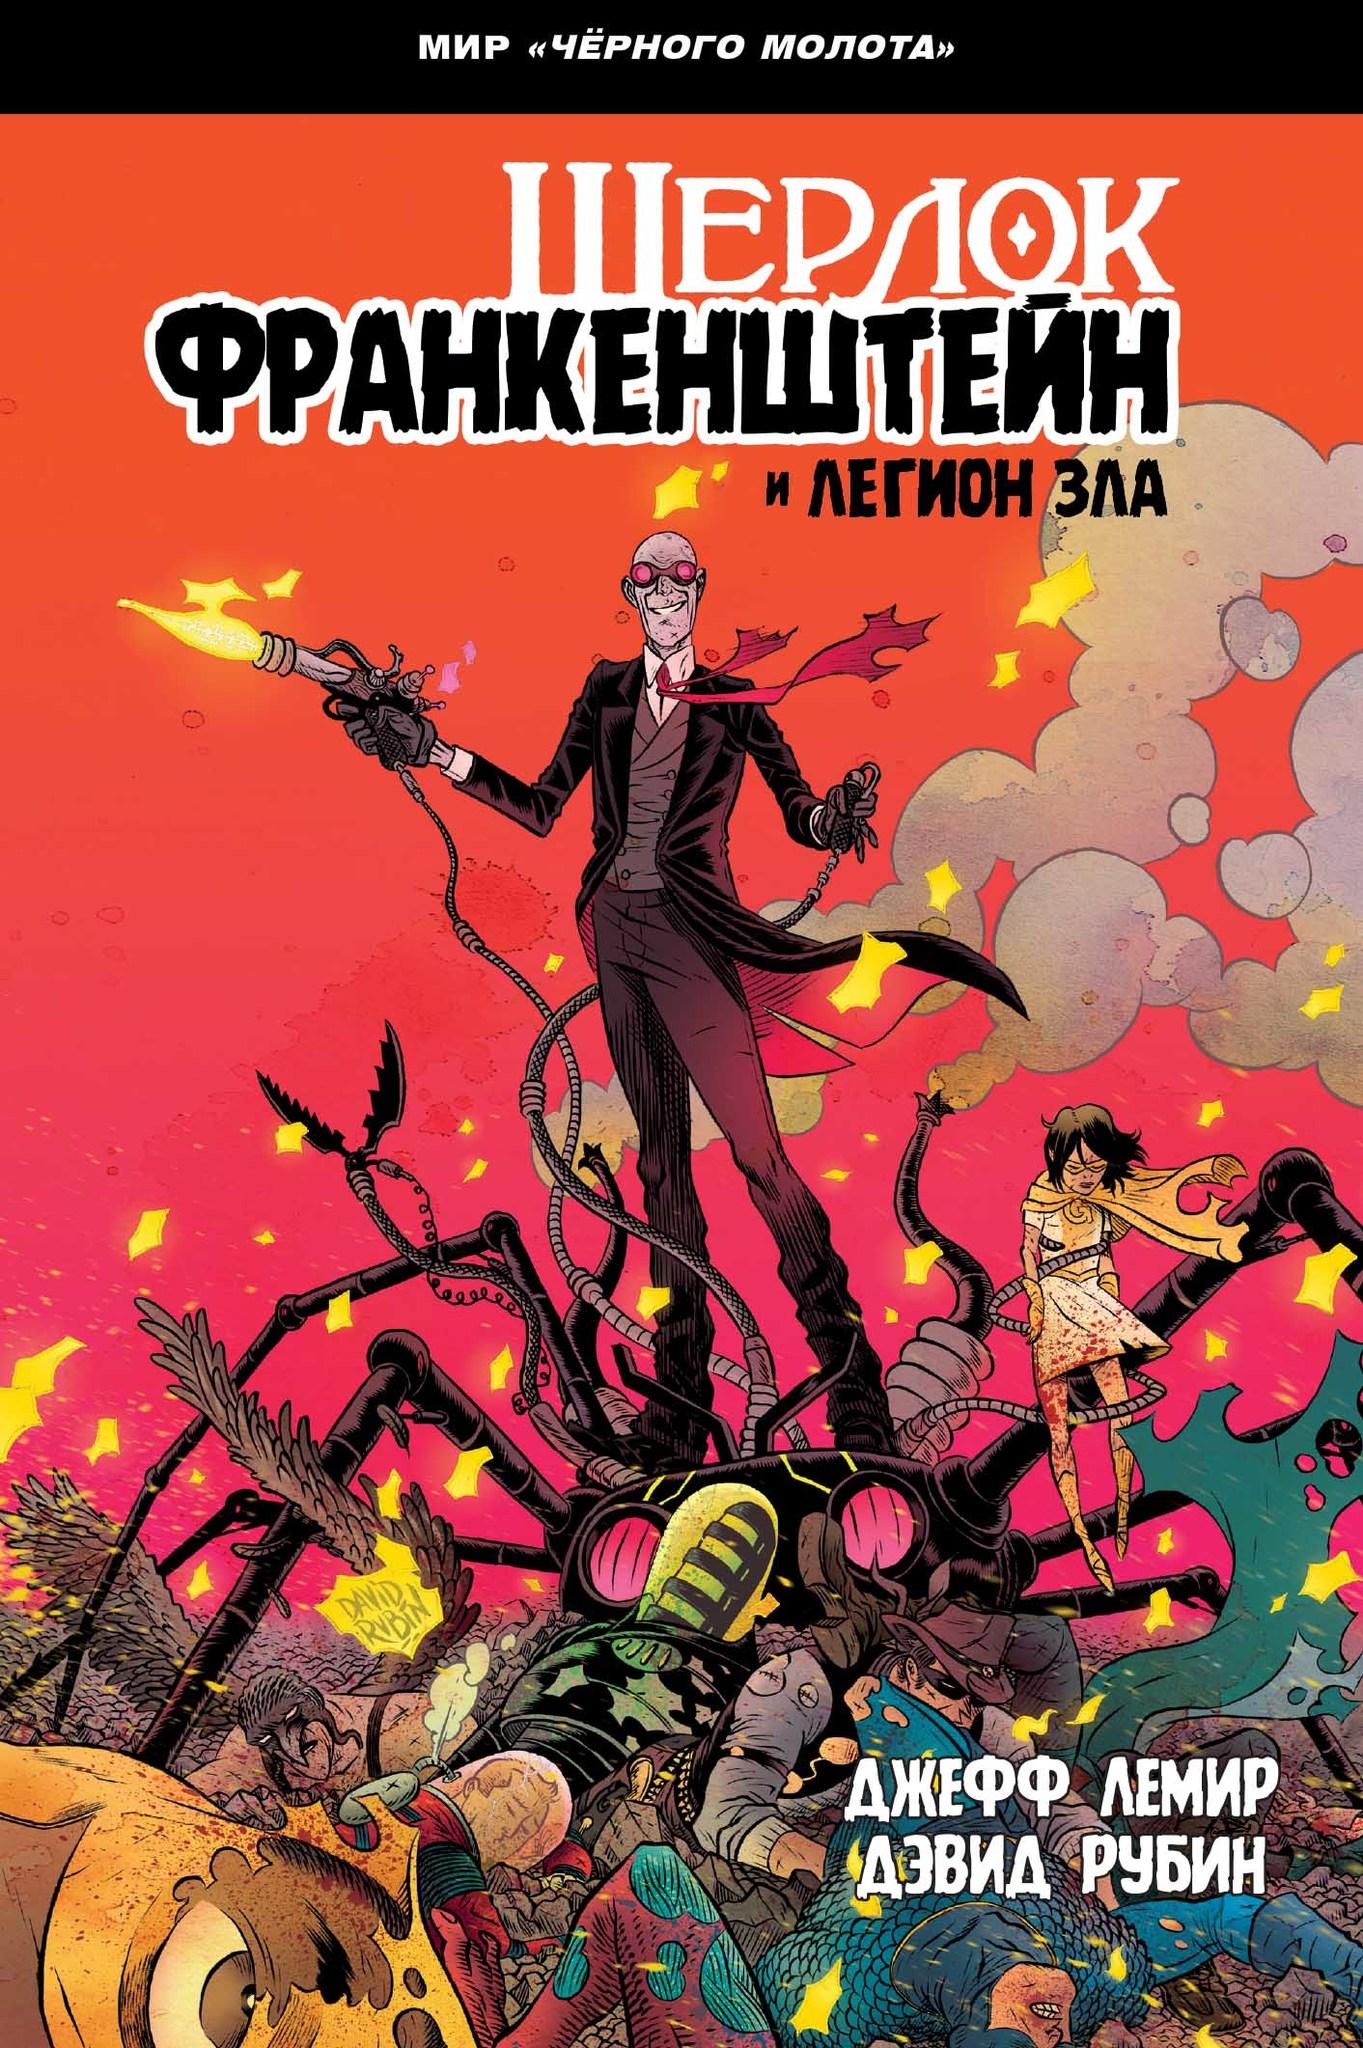 Черный Молот: Шерлок Франкенштейн и Легион Зла